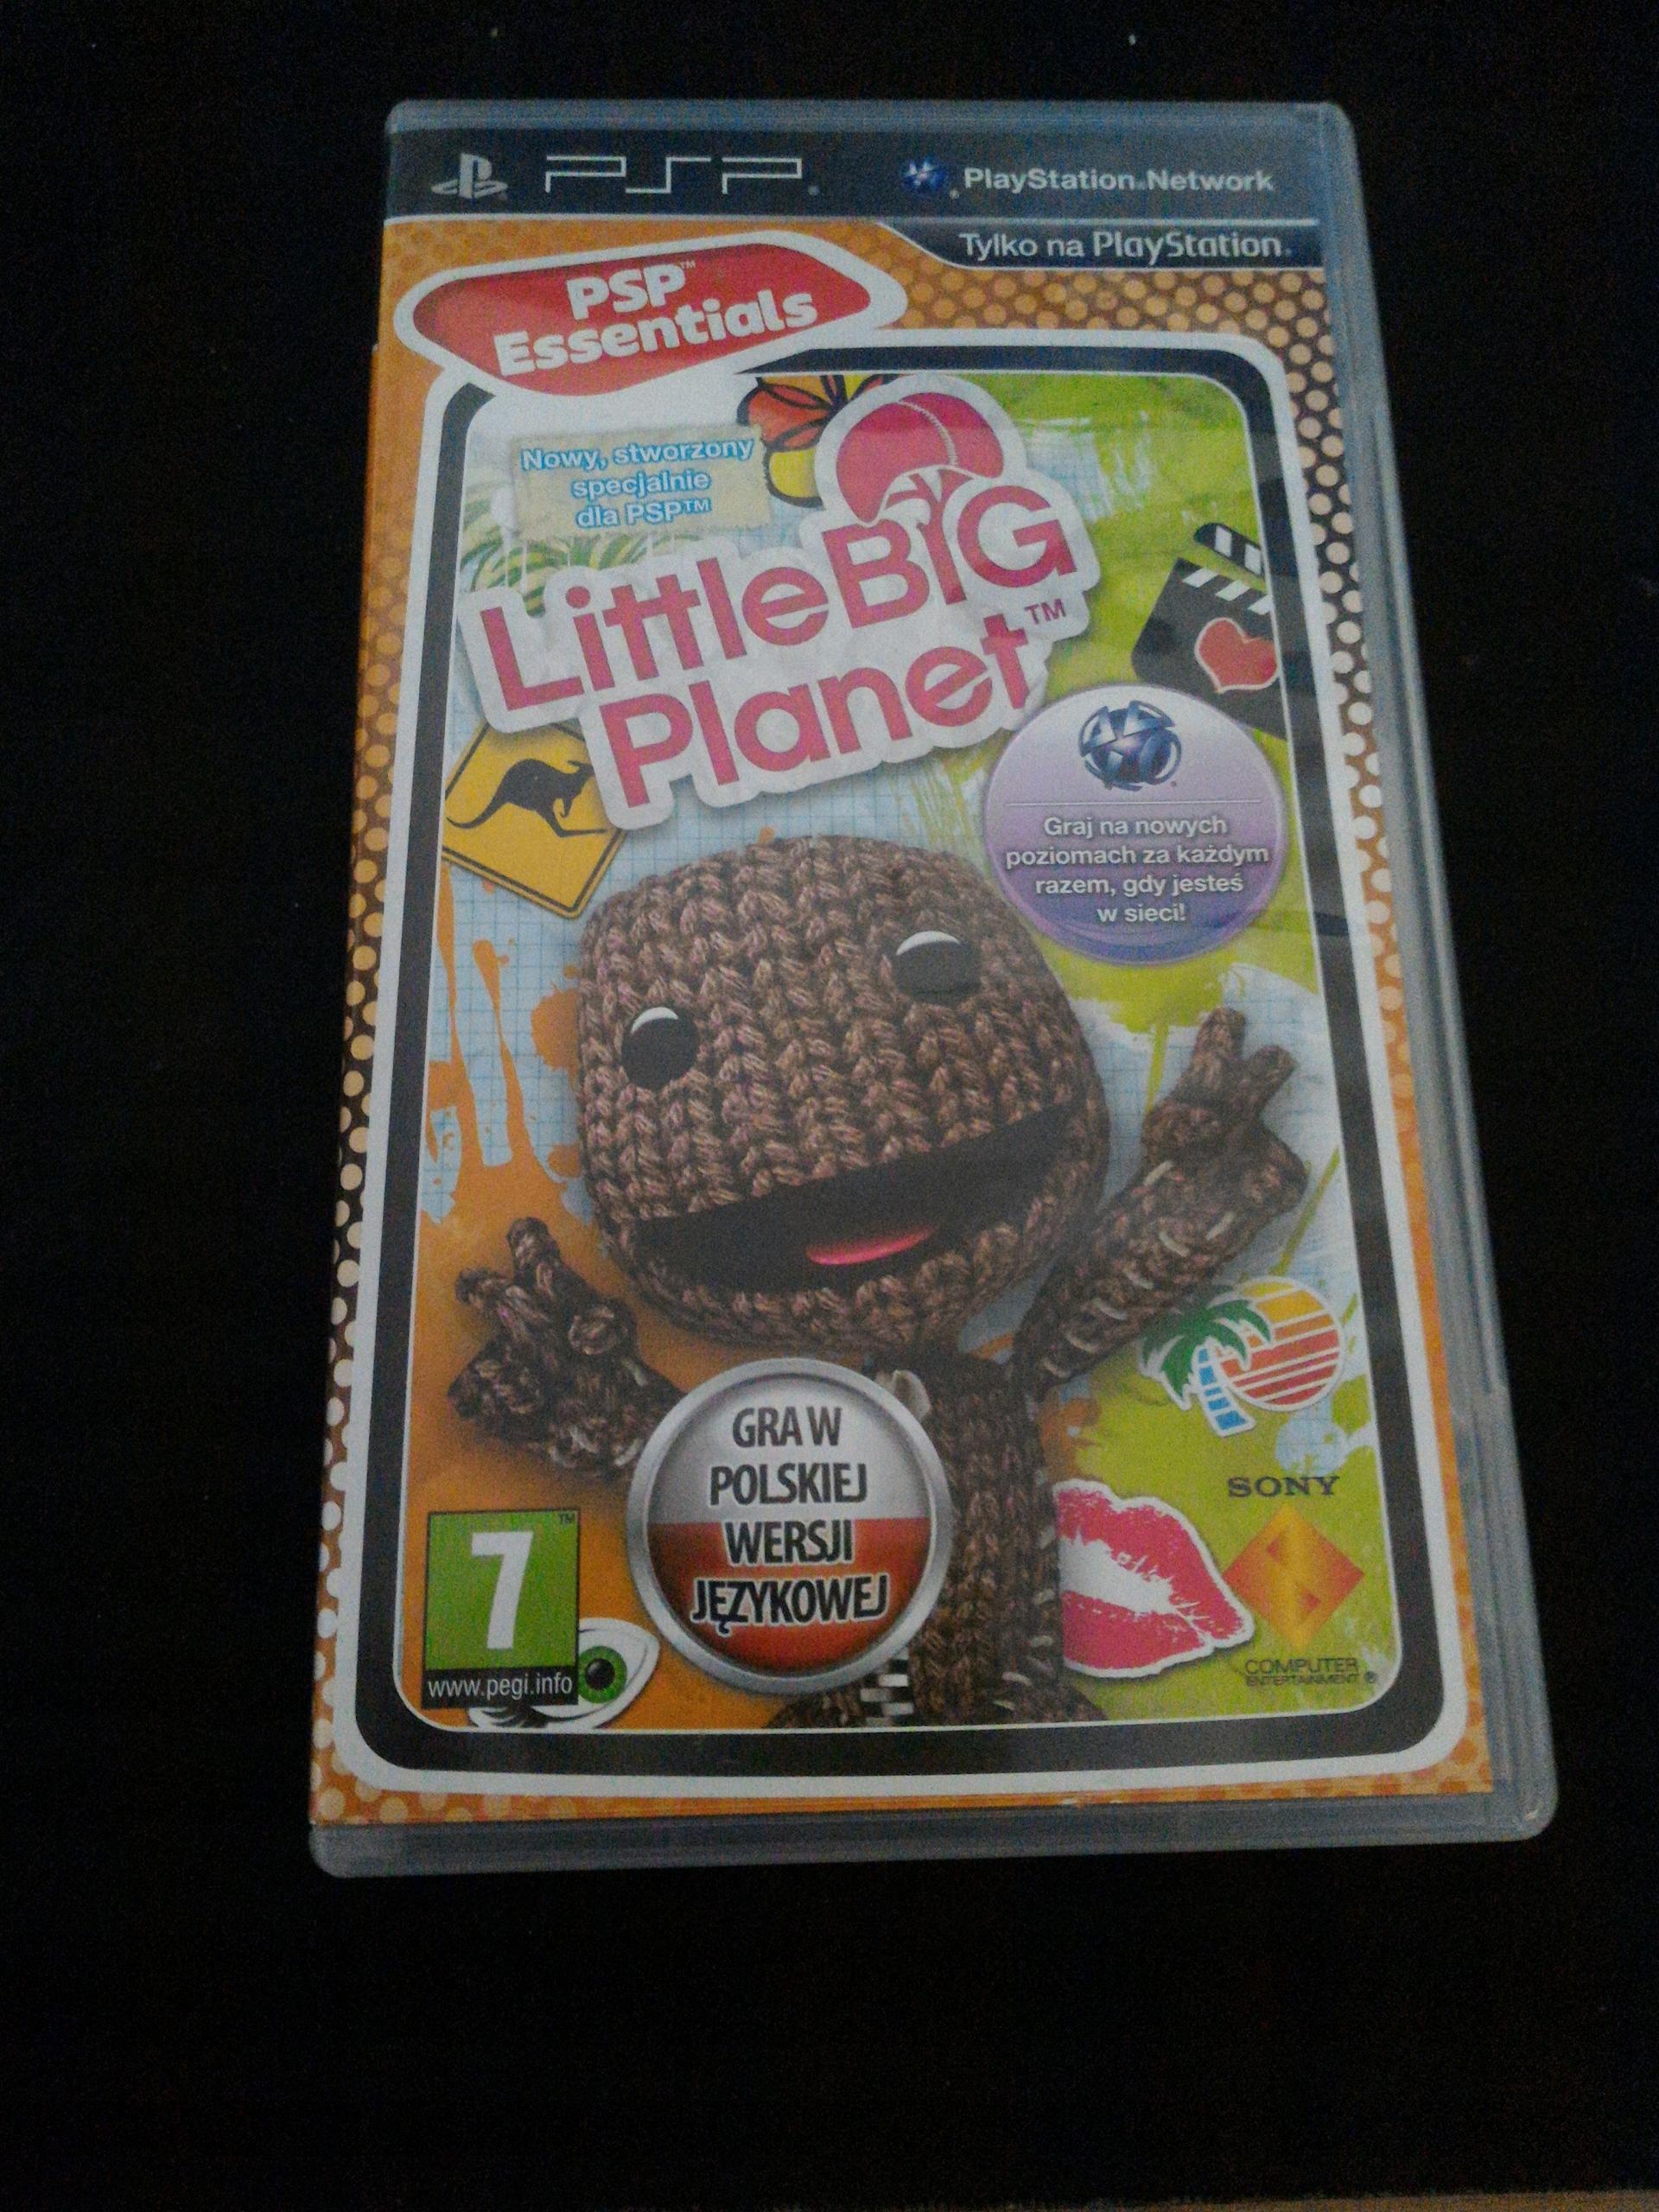 Gra LittleBigPlanet na konsole PSP wersja PL